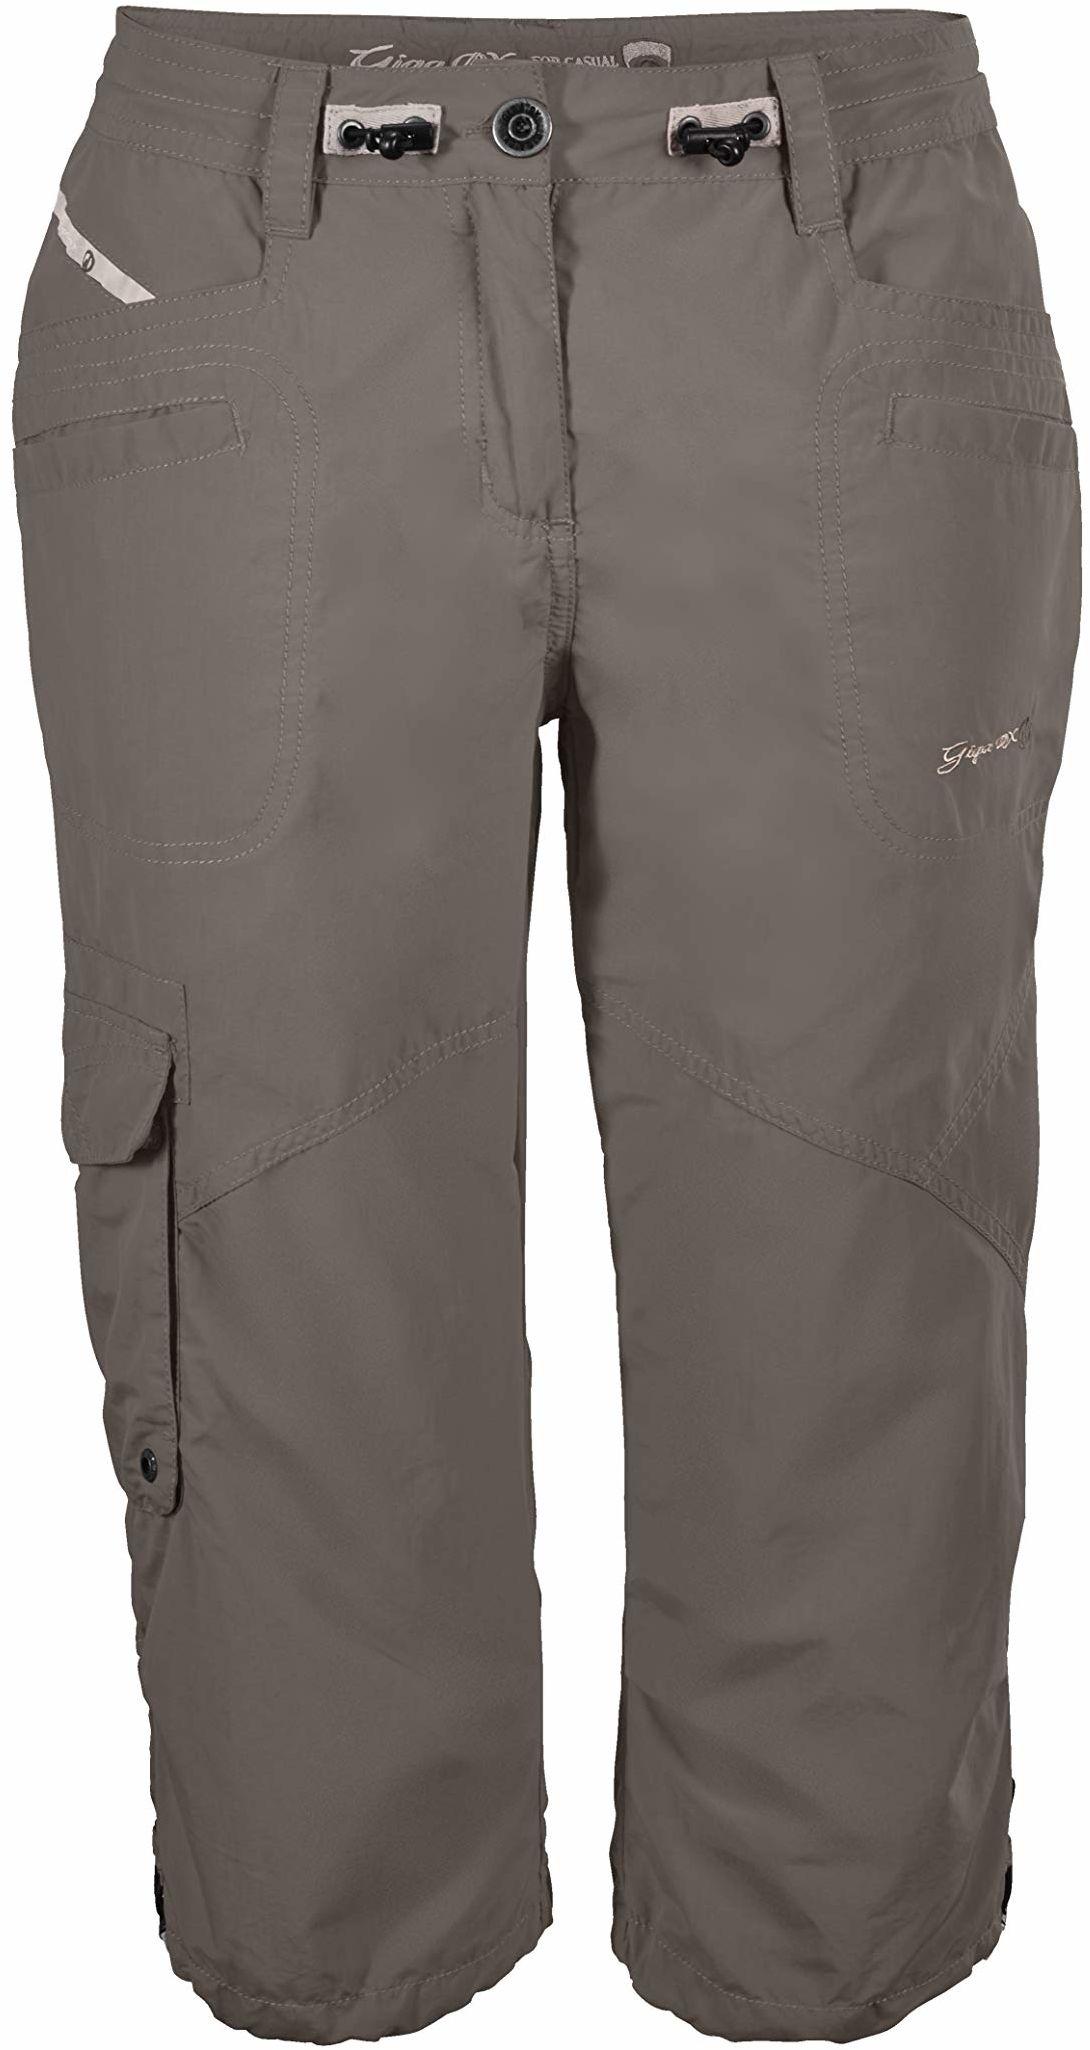 G.I.G.A. DX damskie spodnie typu Capri, 3/4 spodnie cargo na lato, regulowana szerokość w talii beżowy szampański 34